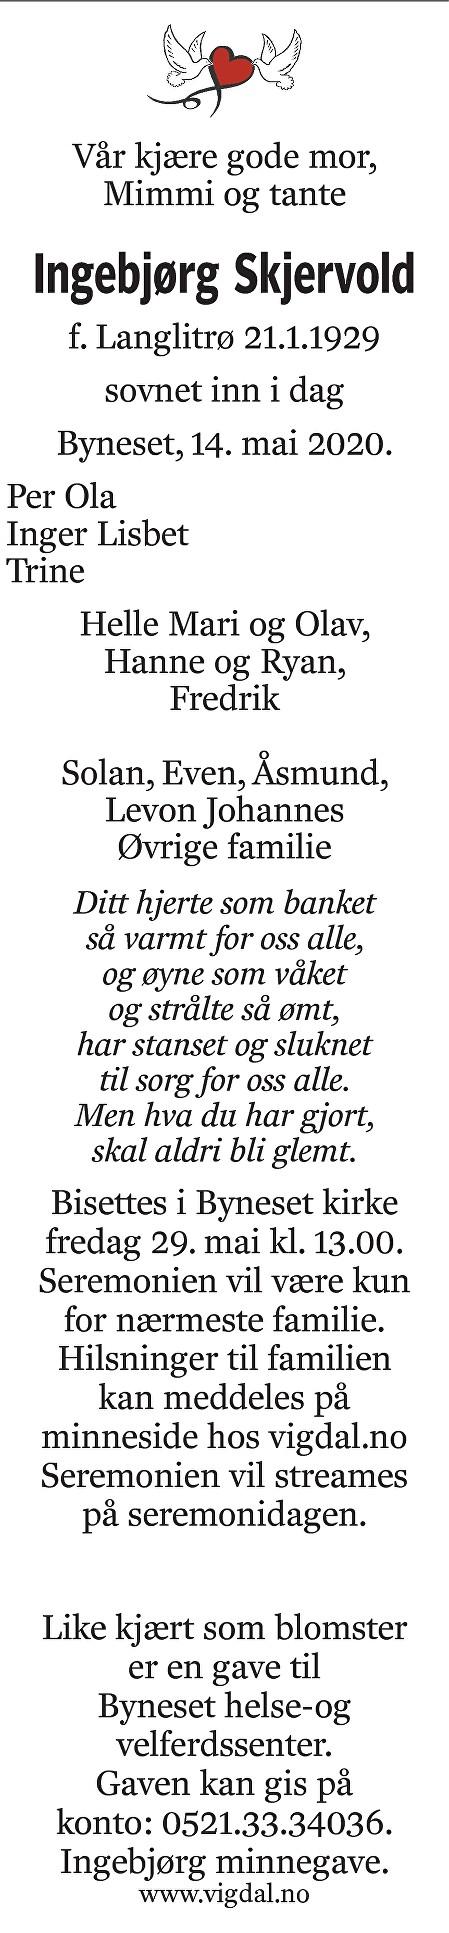 Ingebjørg Skjervold Dødsannonse